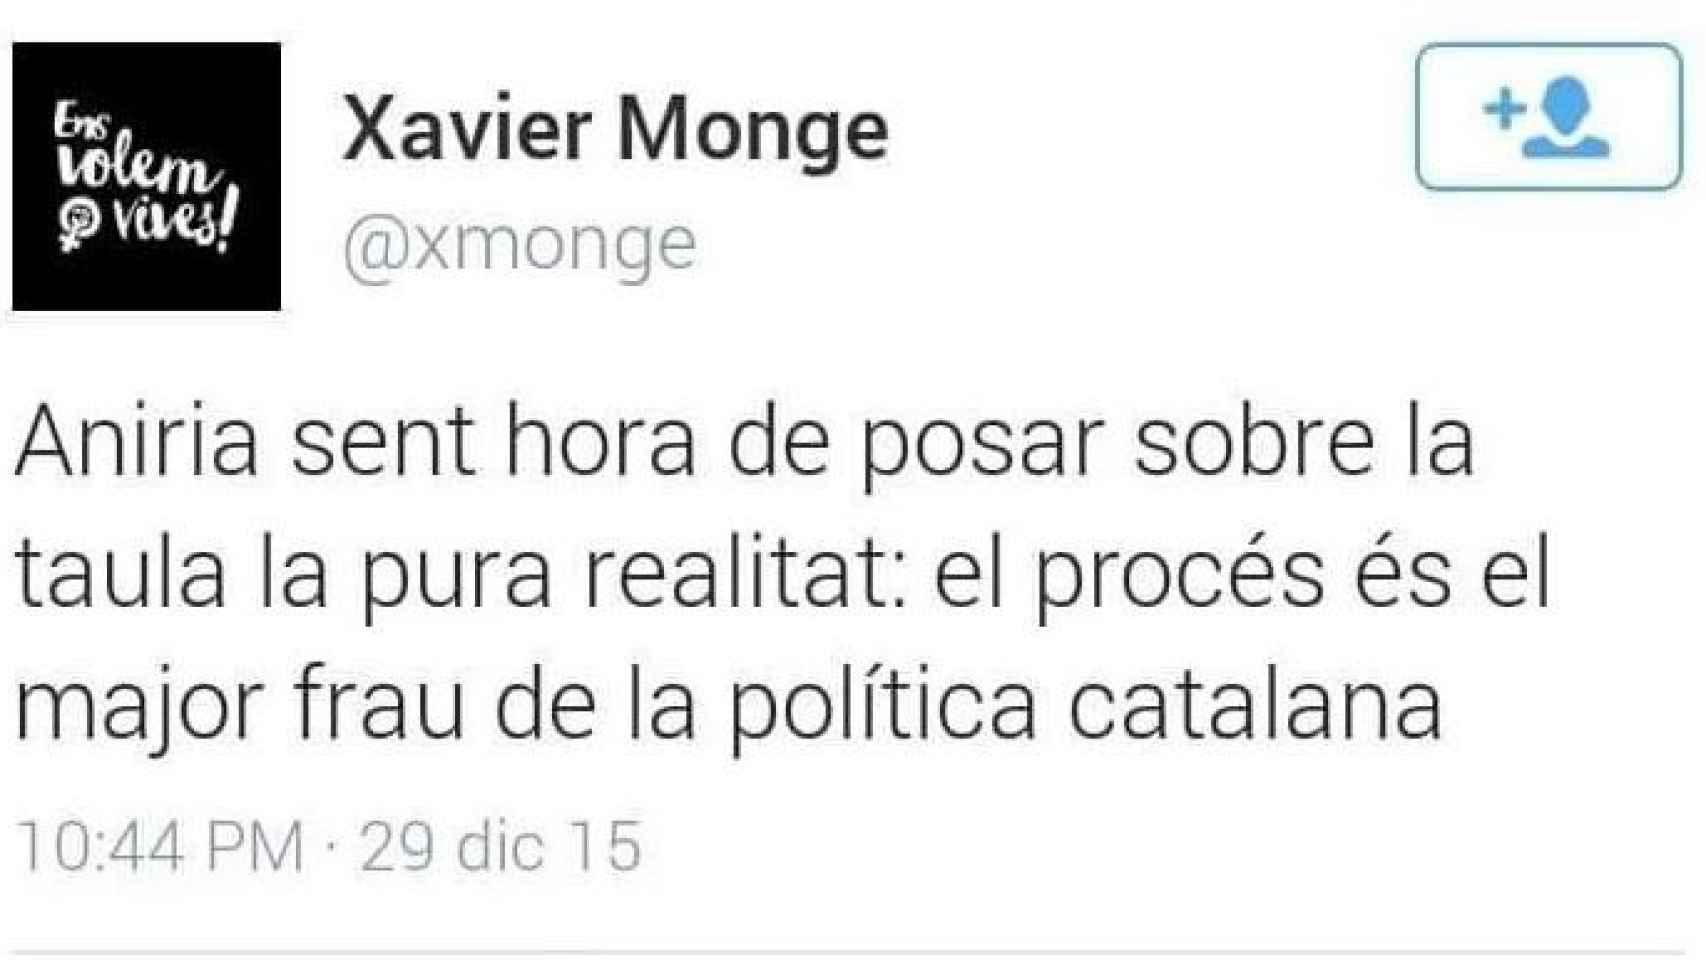 'El proceso es el mayor fraude de la política catalana', escribió Monge.